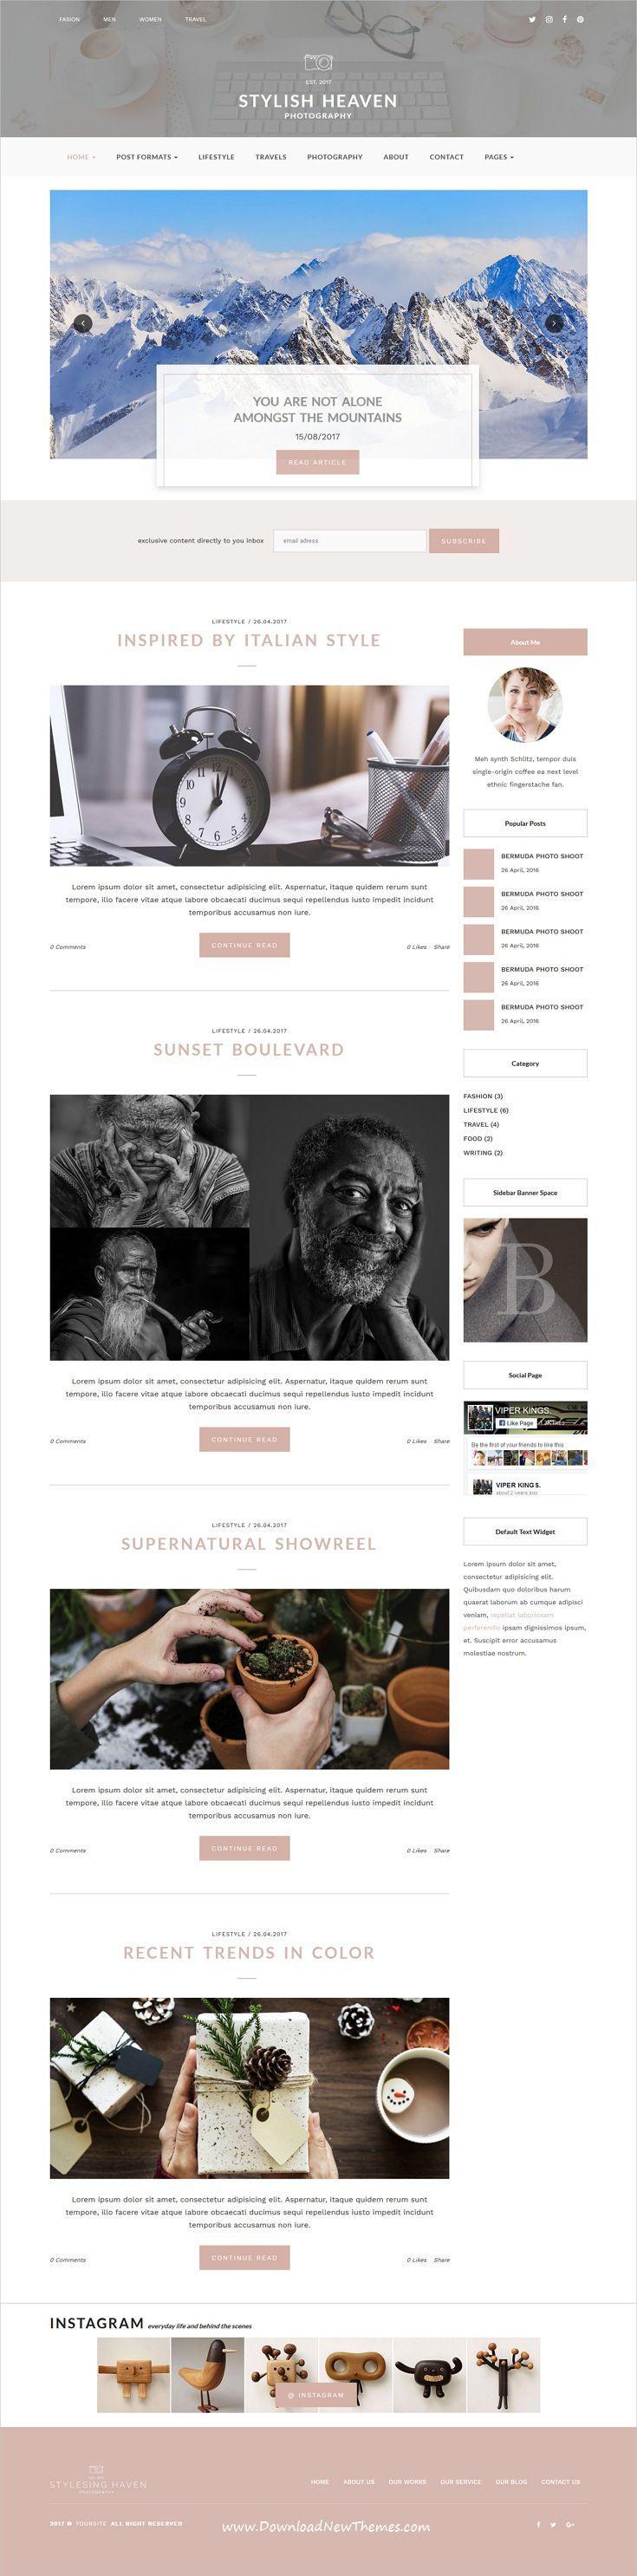 23 besten Newsletter Bilder auf Pinterest   Editorial design, Grafik ...